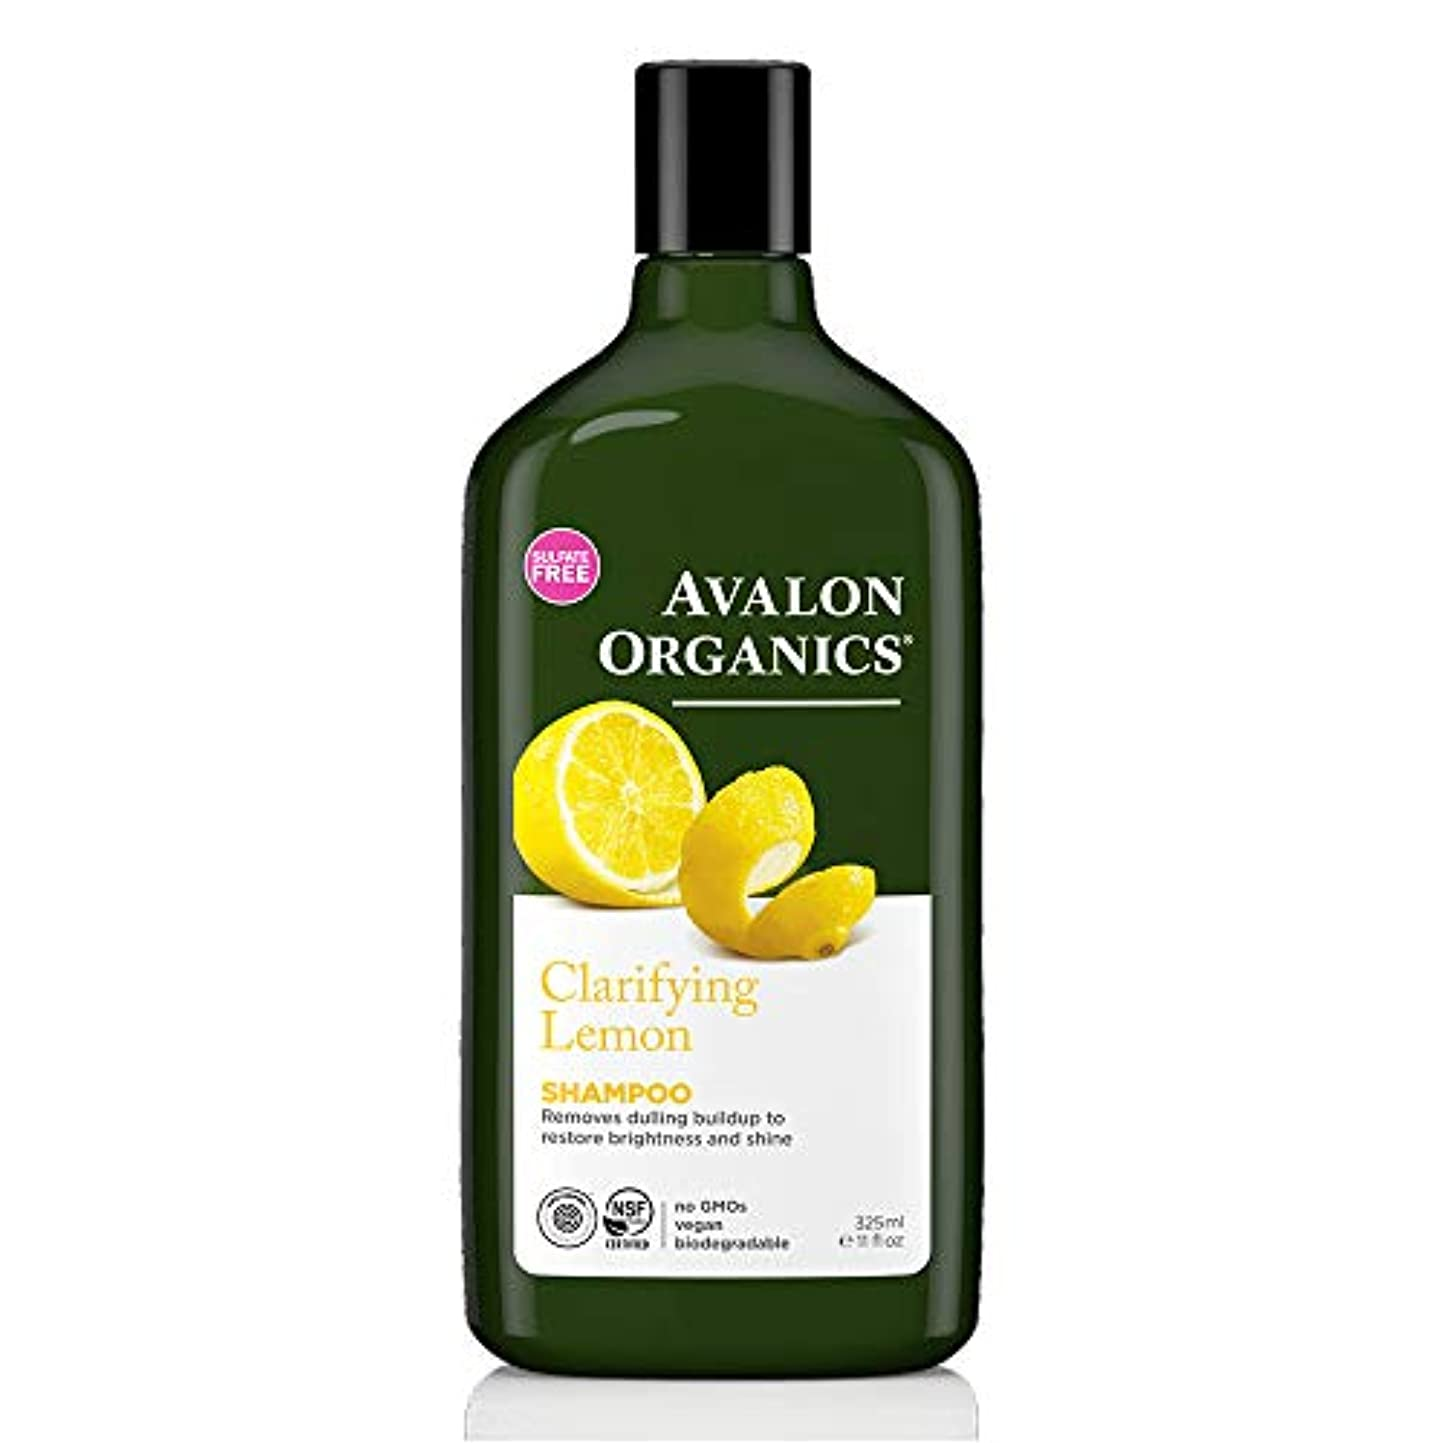 床孤独なせがむAVALON ORGANICS アバロンオーガニクス シャンプー レモン 325ml